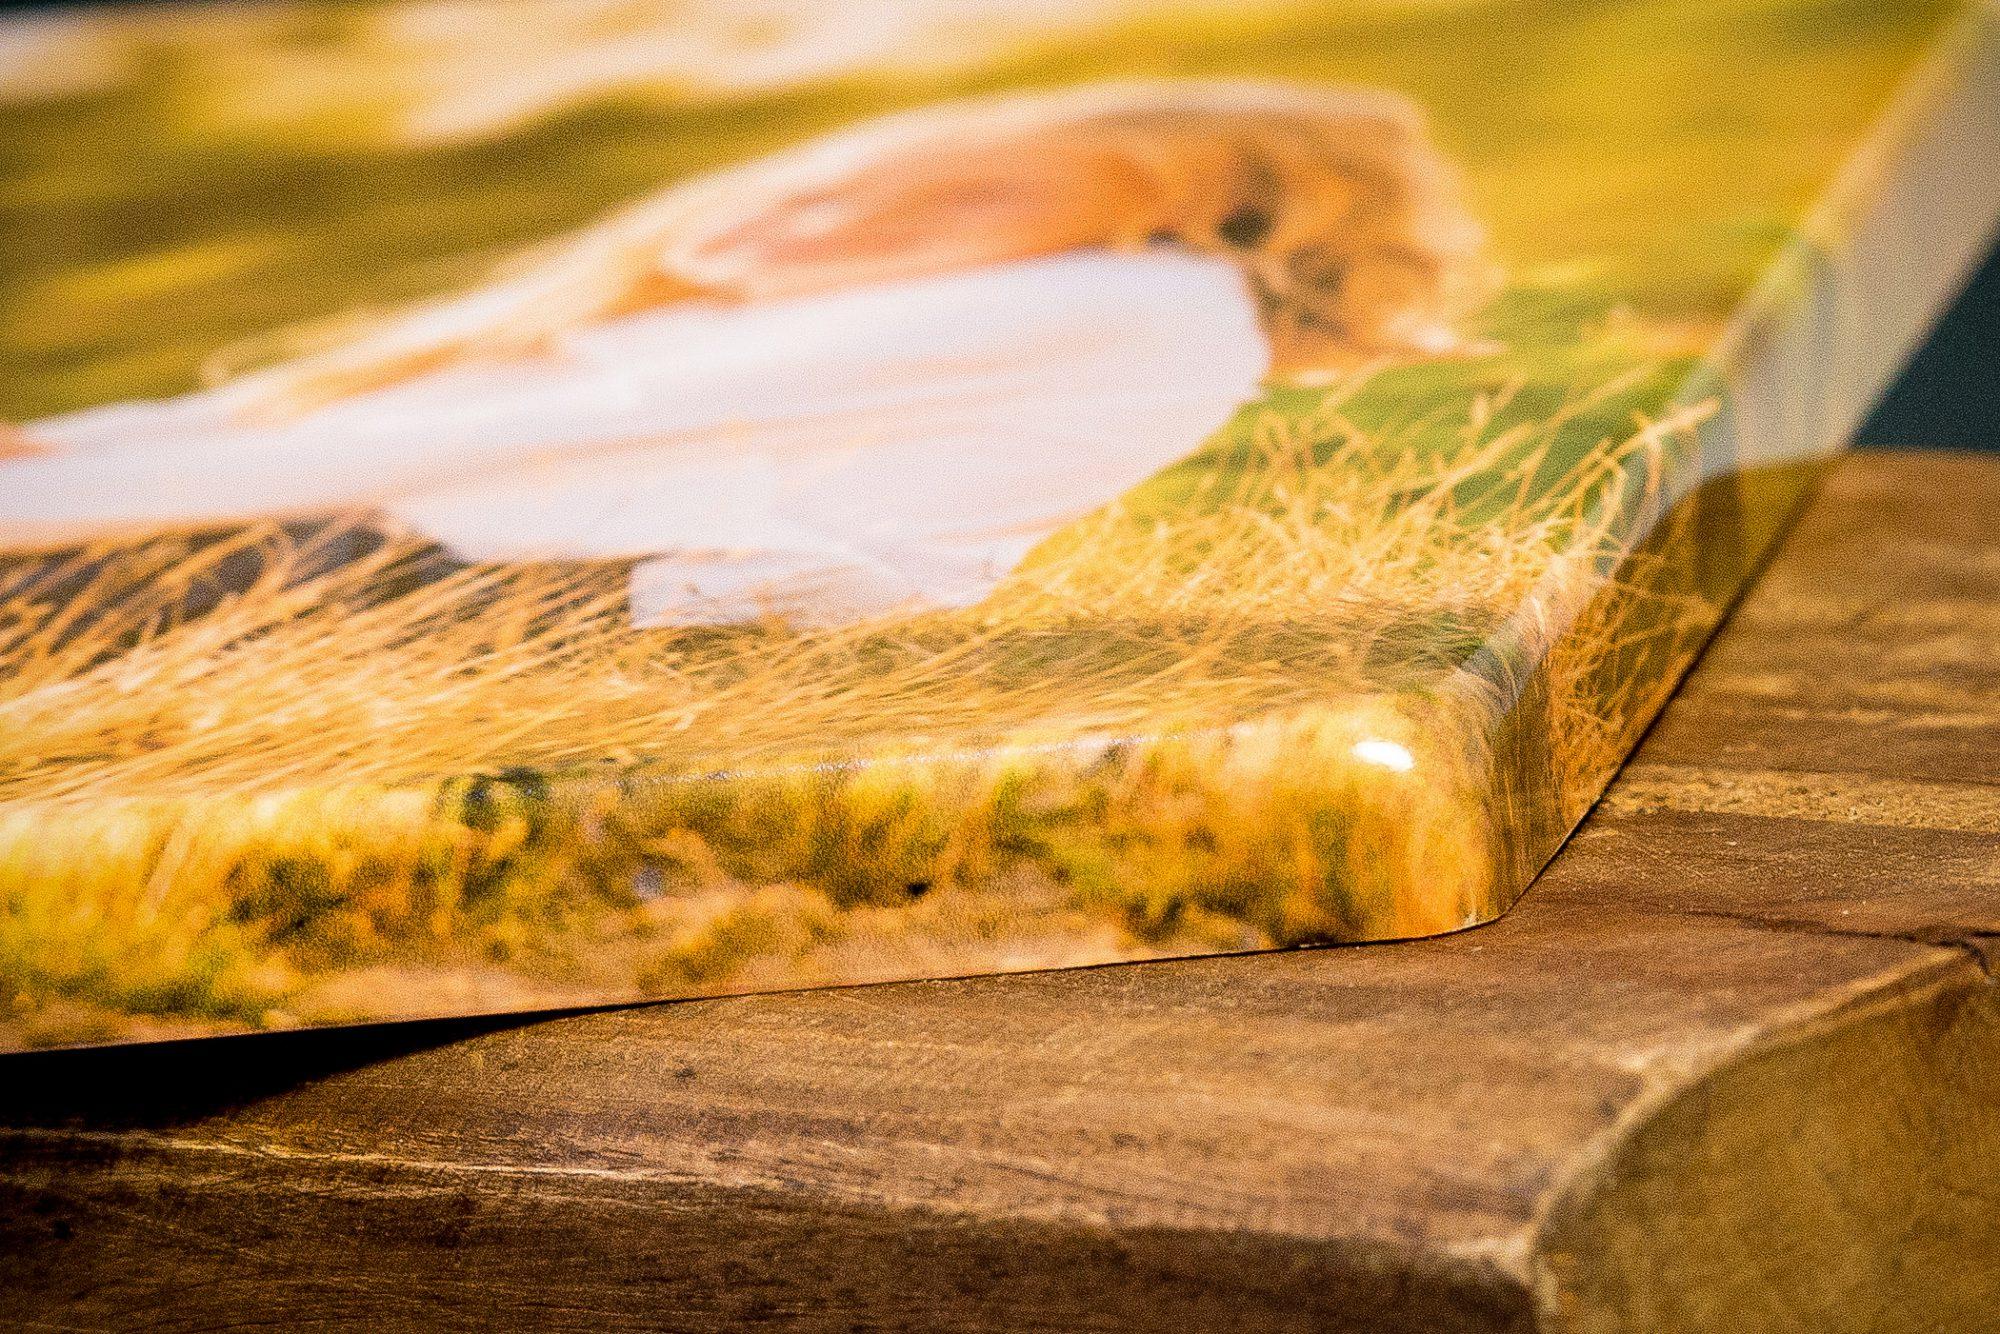 portretfotografie, groepsfoto, fotograaf, Wouter van Middendorp, omgeving Uddel, Elspeet, Garderen, Putten, Ermelo, Nieuw-Milligen, Vierhouten, Nunspeet, trouwfotografie, bruidsfotografie, Veluwe, Barneveld, Kesteren, Achterberg, professionele fotograaf, 3d aluminium